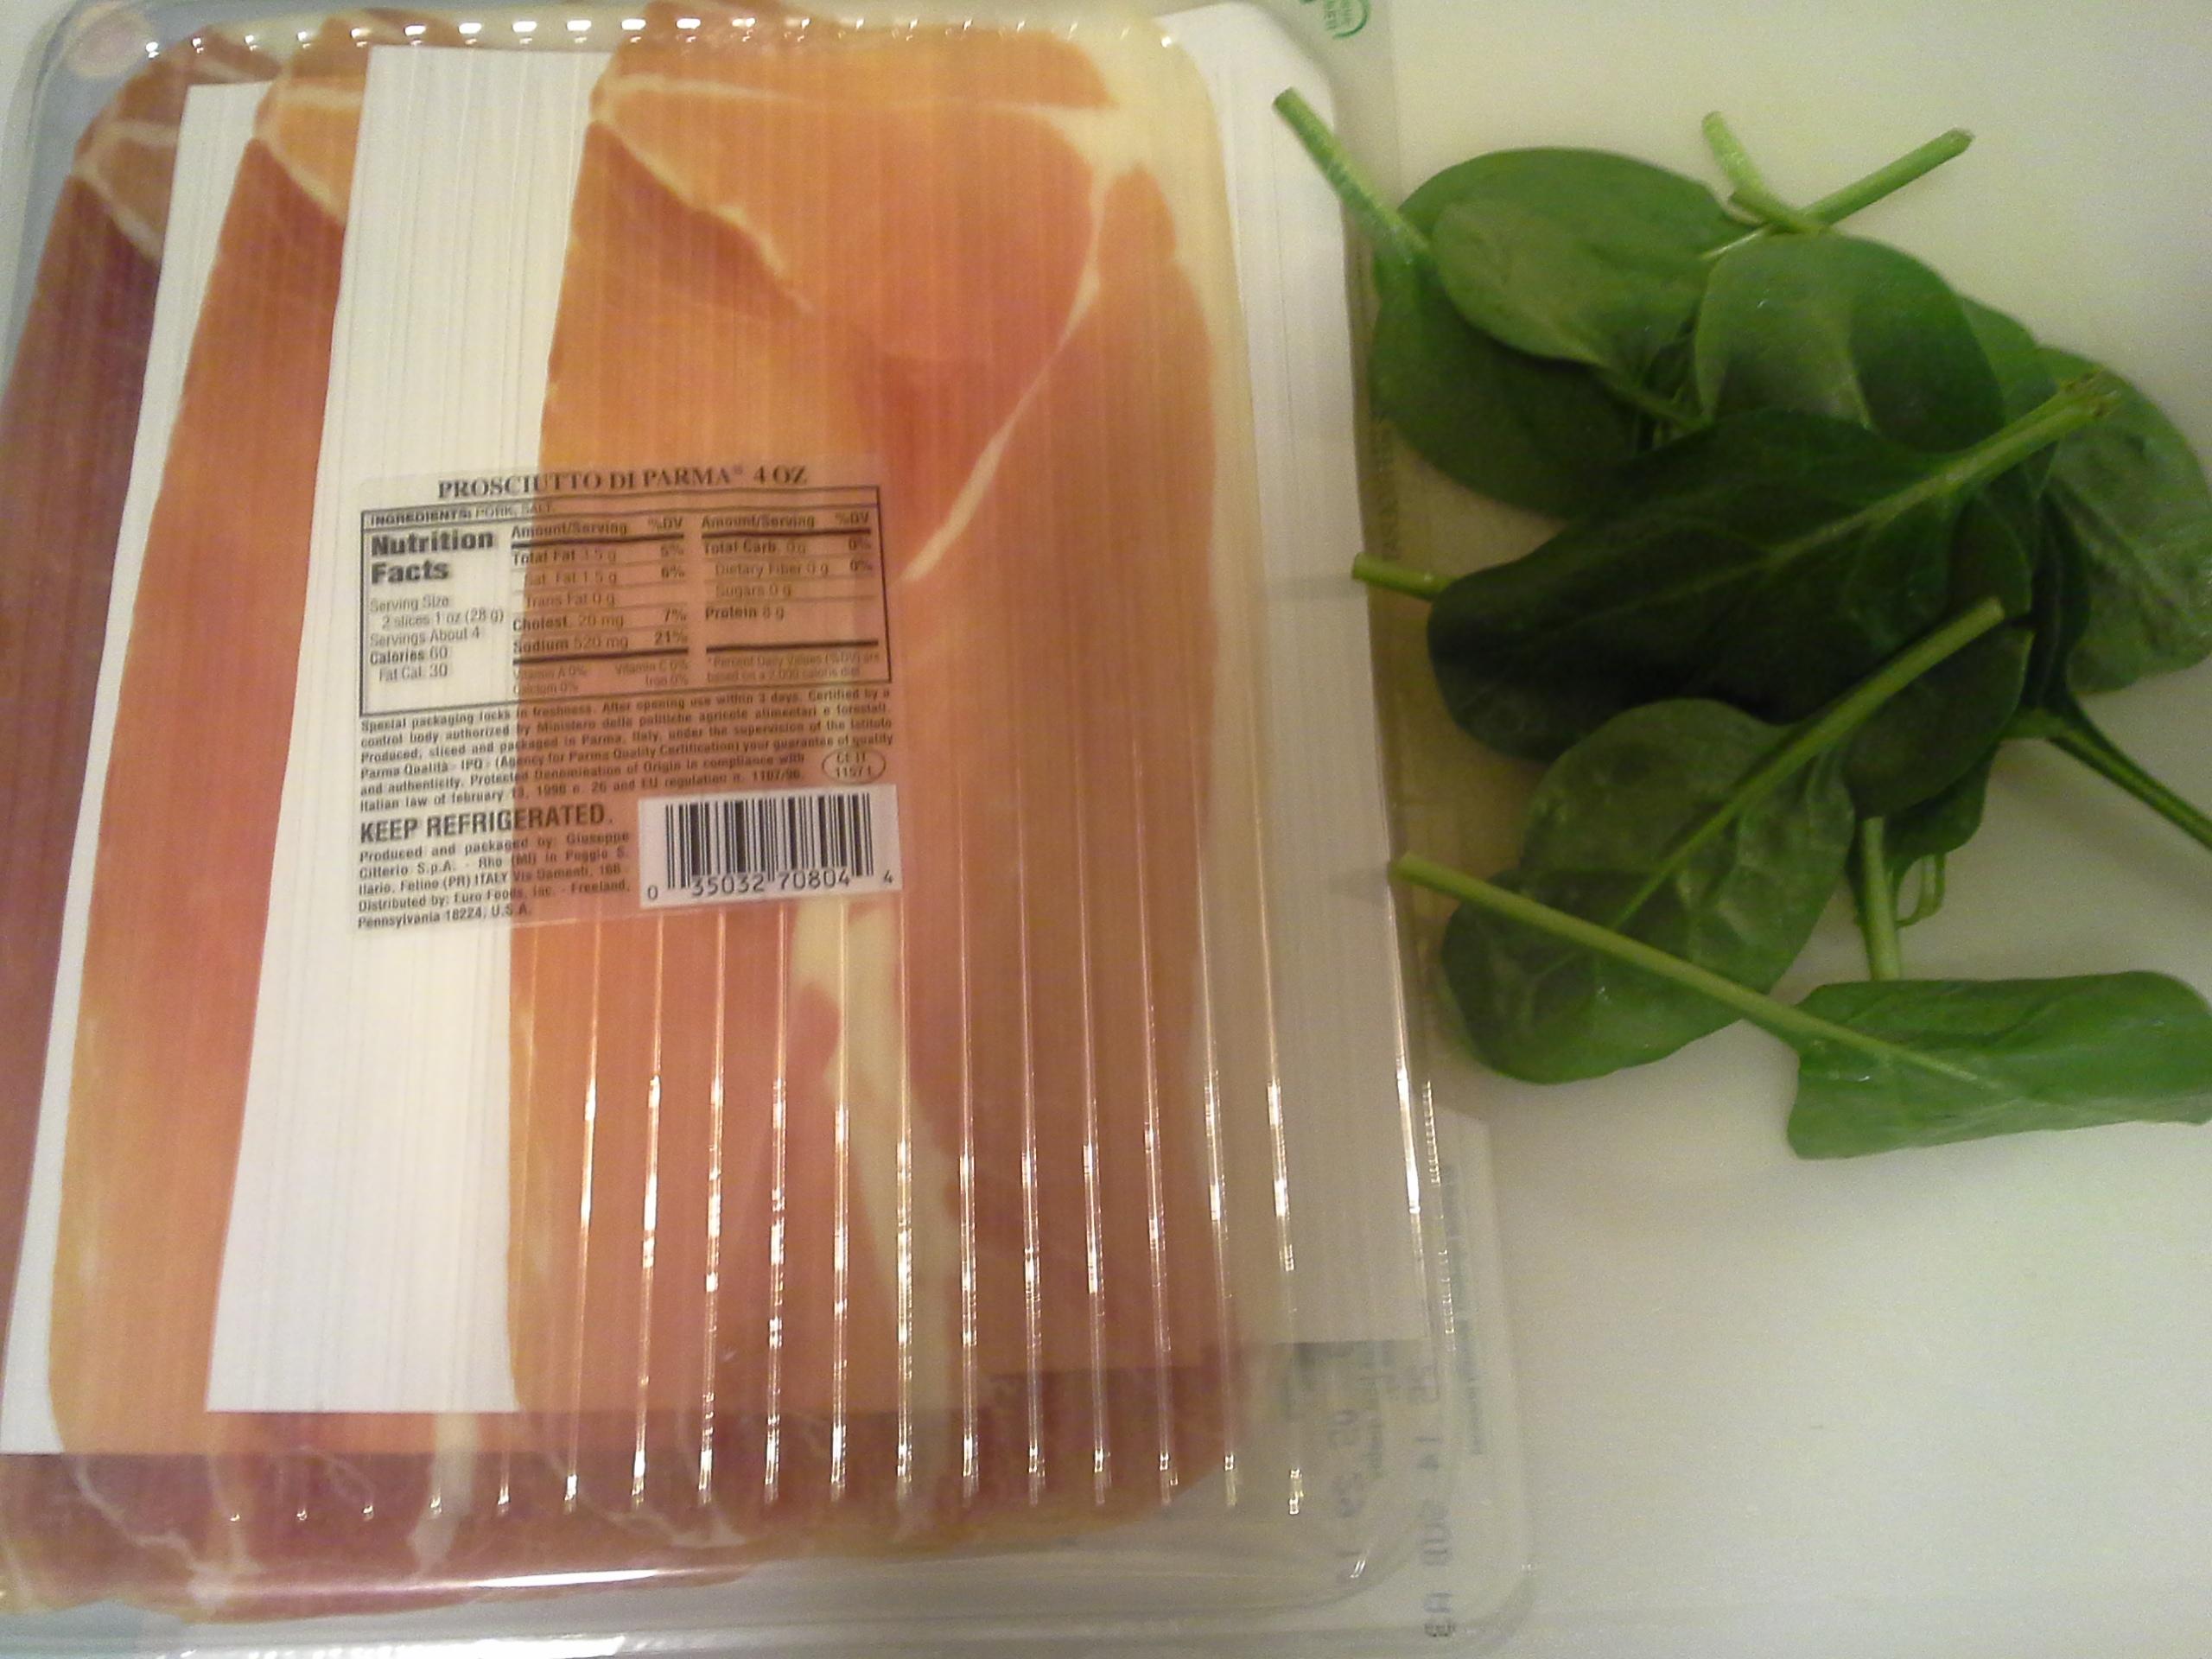 Dinner: 10:10 p.m. | 4 oz. prosciutto, .25 oz. spinach